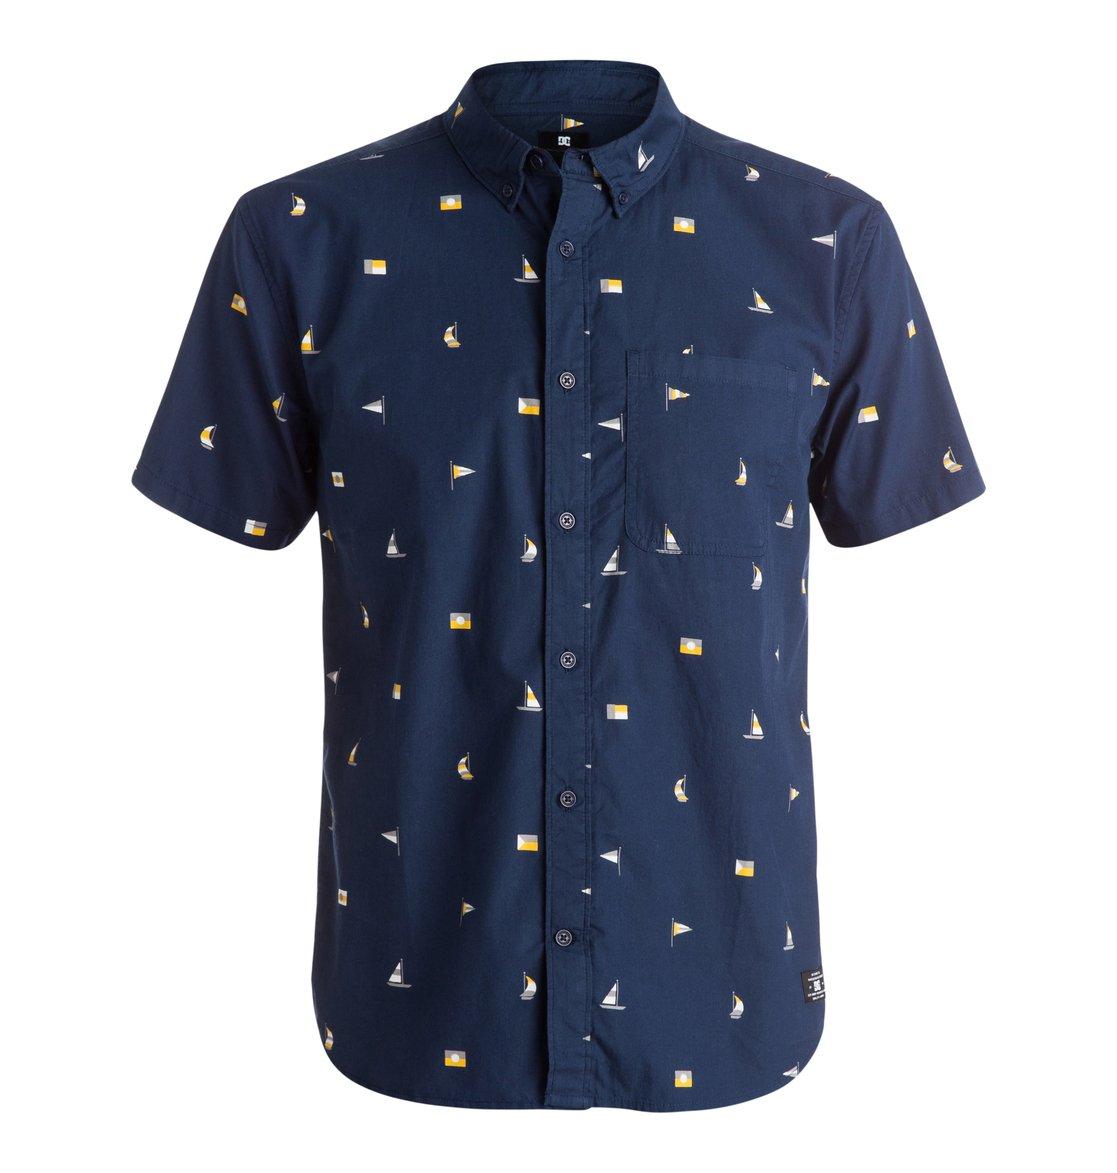 Vacation Short Sleeve ShirtМужская рубашка Vacation с коротким рукавом от DC Shoes. <br>ХАРАКТЕРИСТИКИ: стандартный крой, легкий хлопок, сплошной принт, нагрудный карман. <br>СОСТАВ: 100% хлопок.<br>